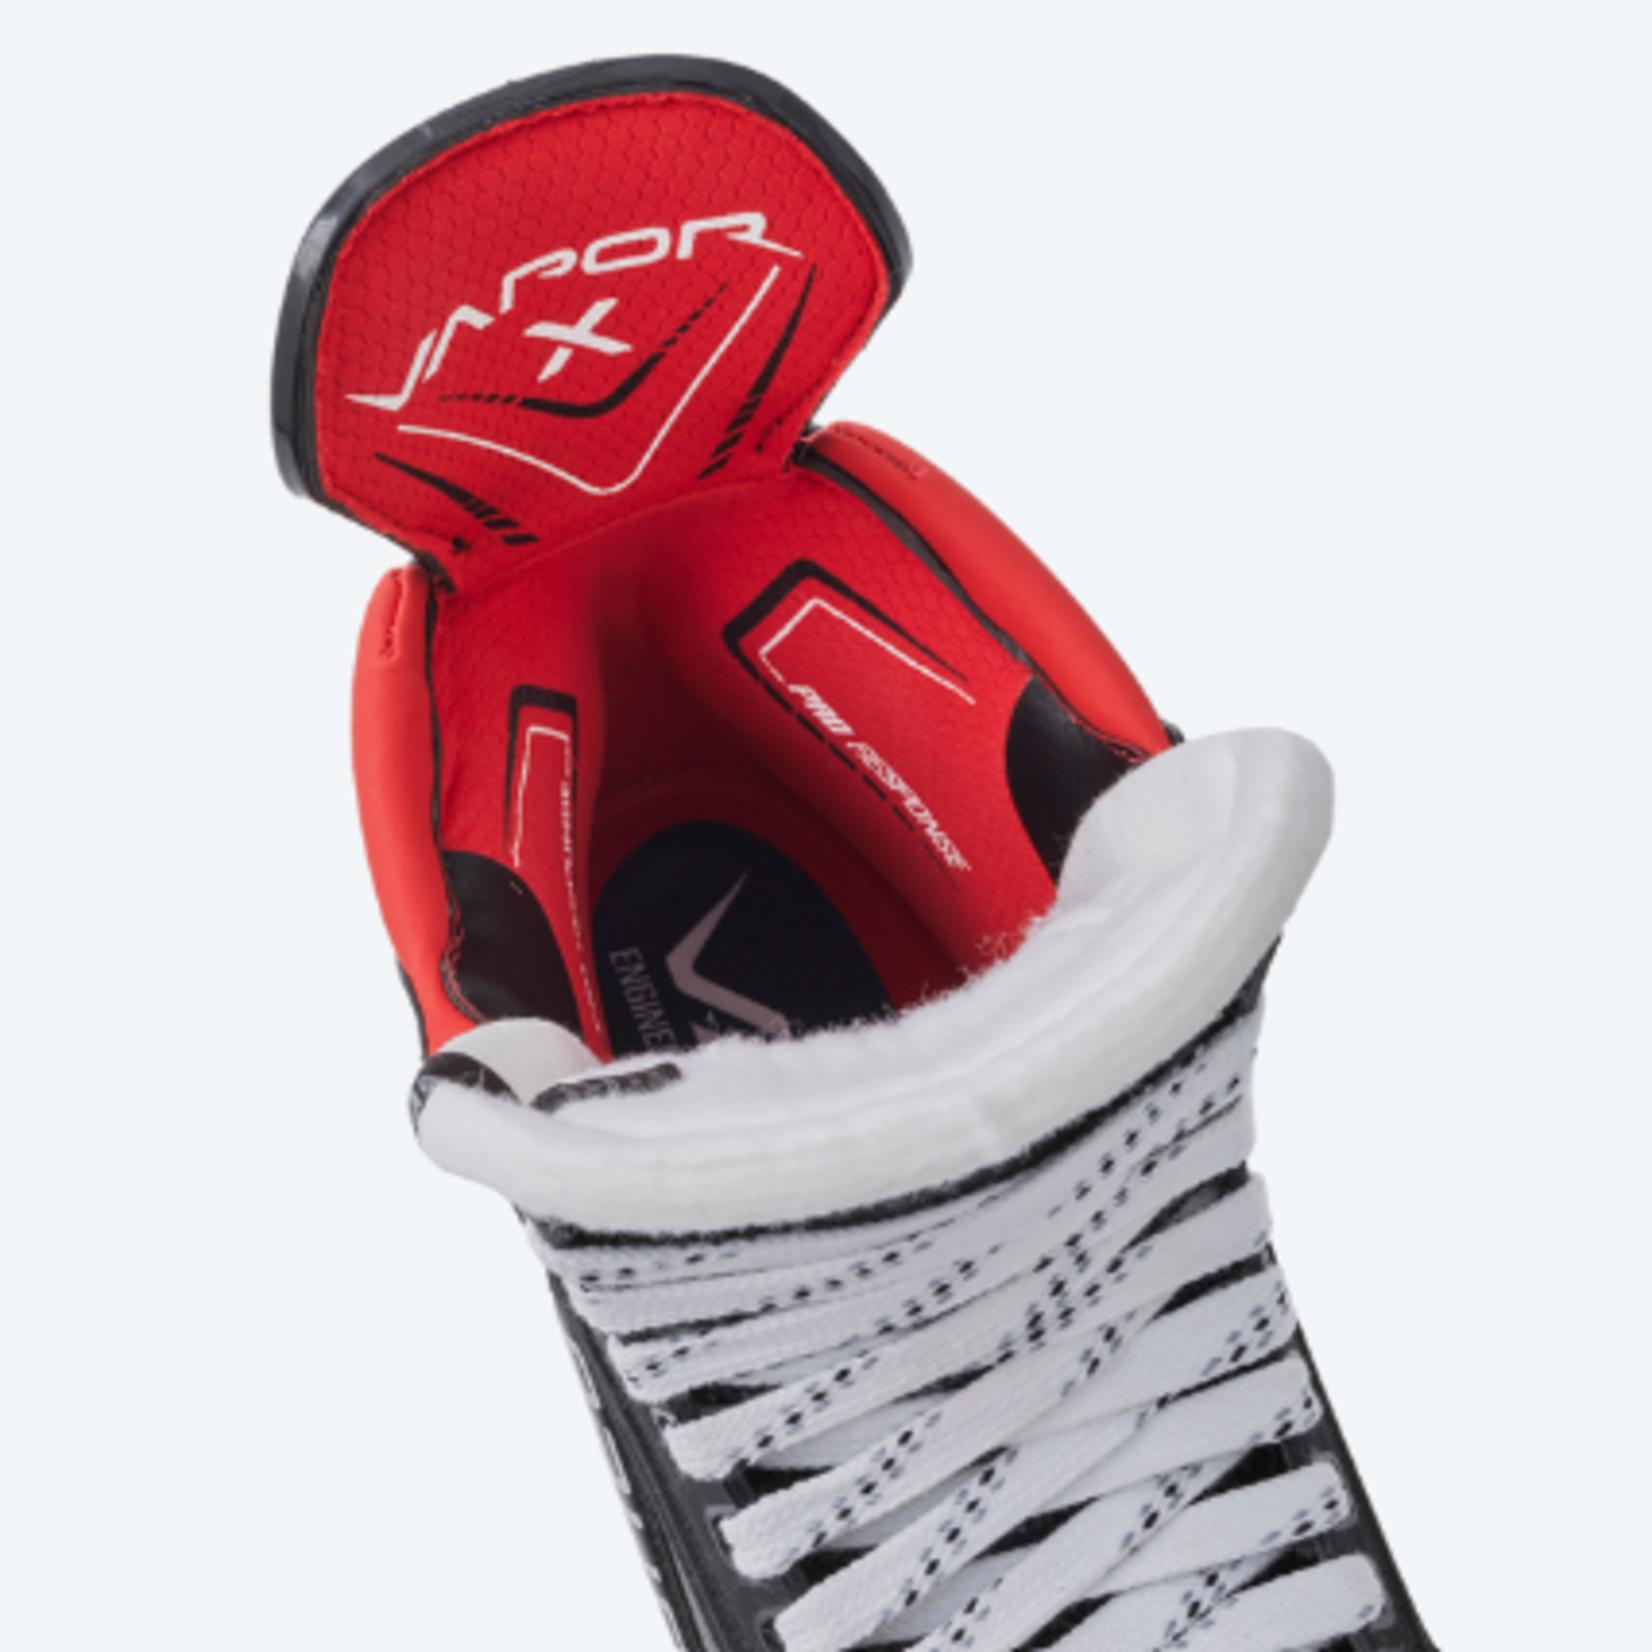 Bauer S21 BAUER Vapor 3X Pro Skates IN